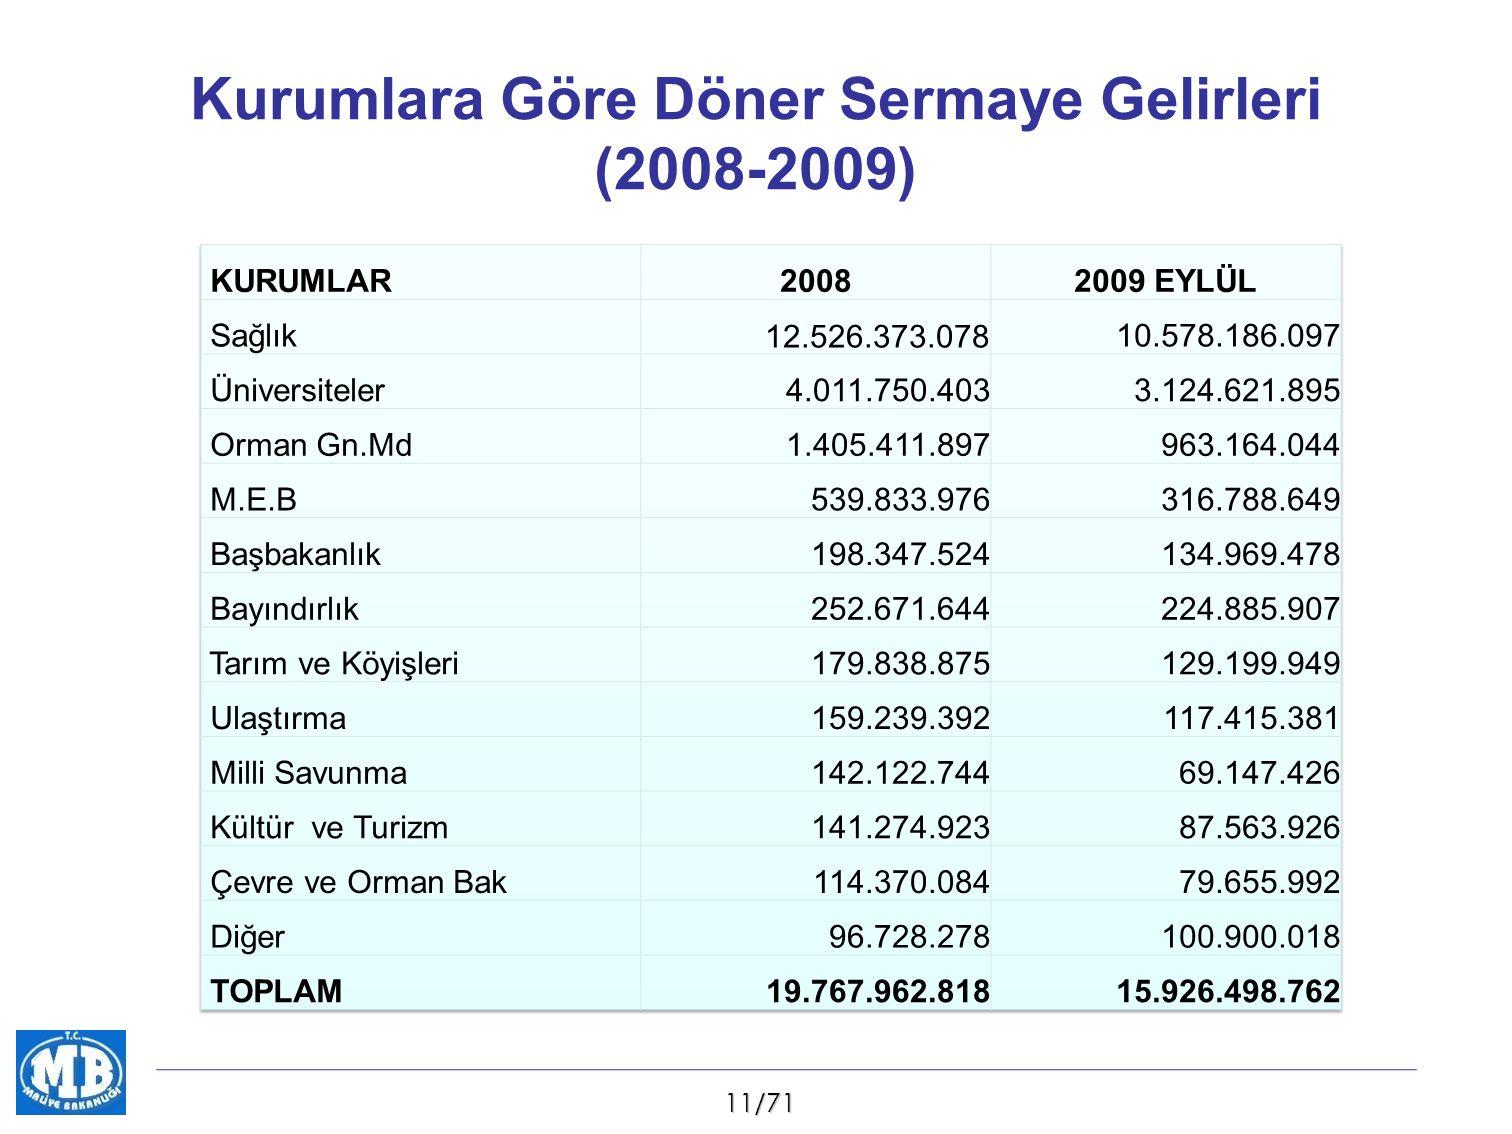 11/71 Kurumlara Göre Döner Sermaye Gelirleri (2008-2009)